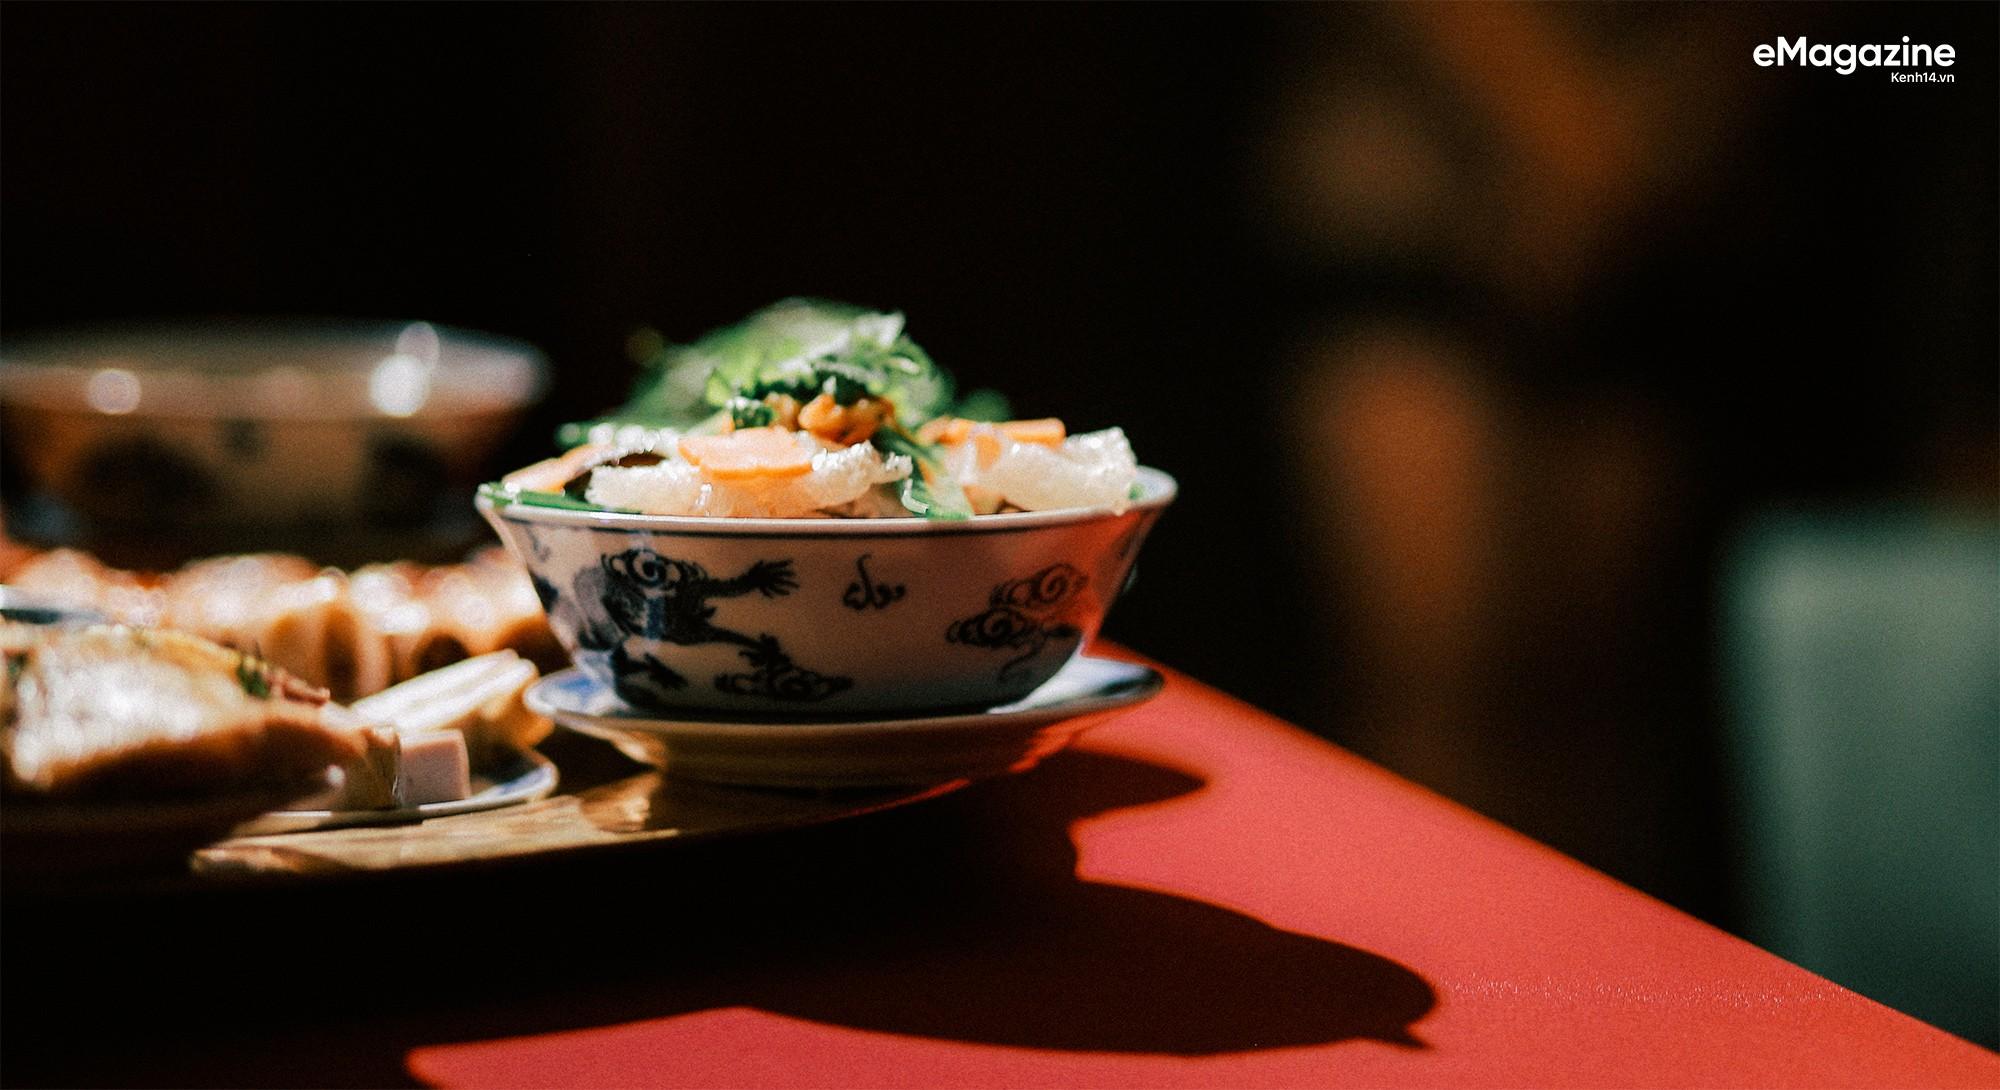 Chuyện nghệ nhân ẩm thực đãi tiệc 21 nguyên thủ quốc gia APEC bằng tinh tuý món ăn Việt Nam - Ảnh 12.